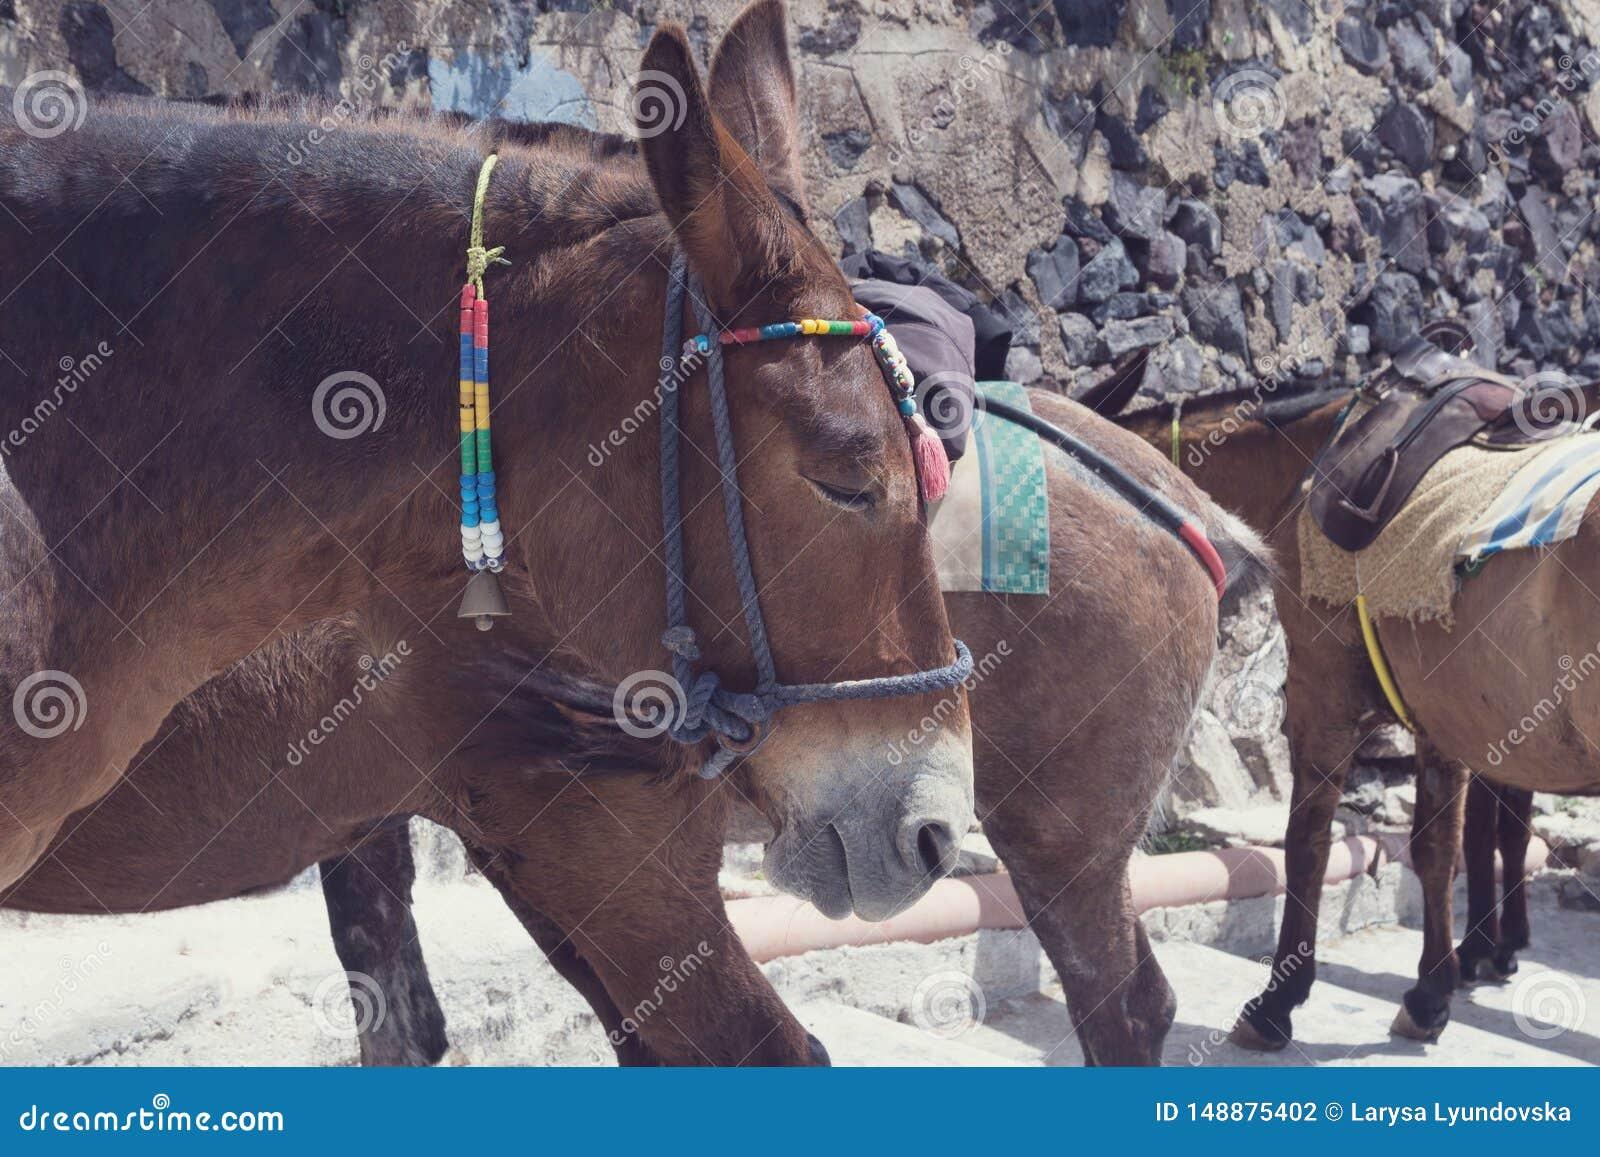 Paarden en ezels op het Eiland Santorini - het traditionele vervoer voor toeristen